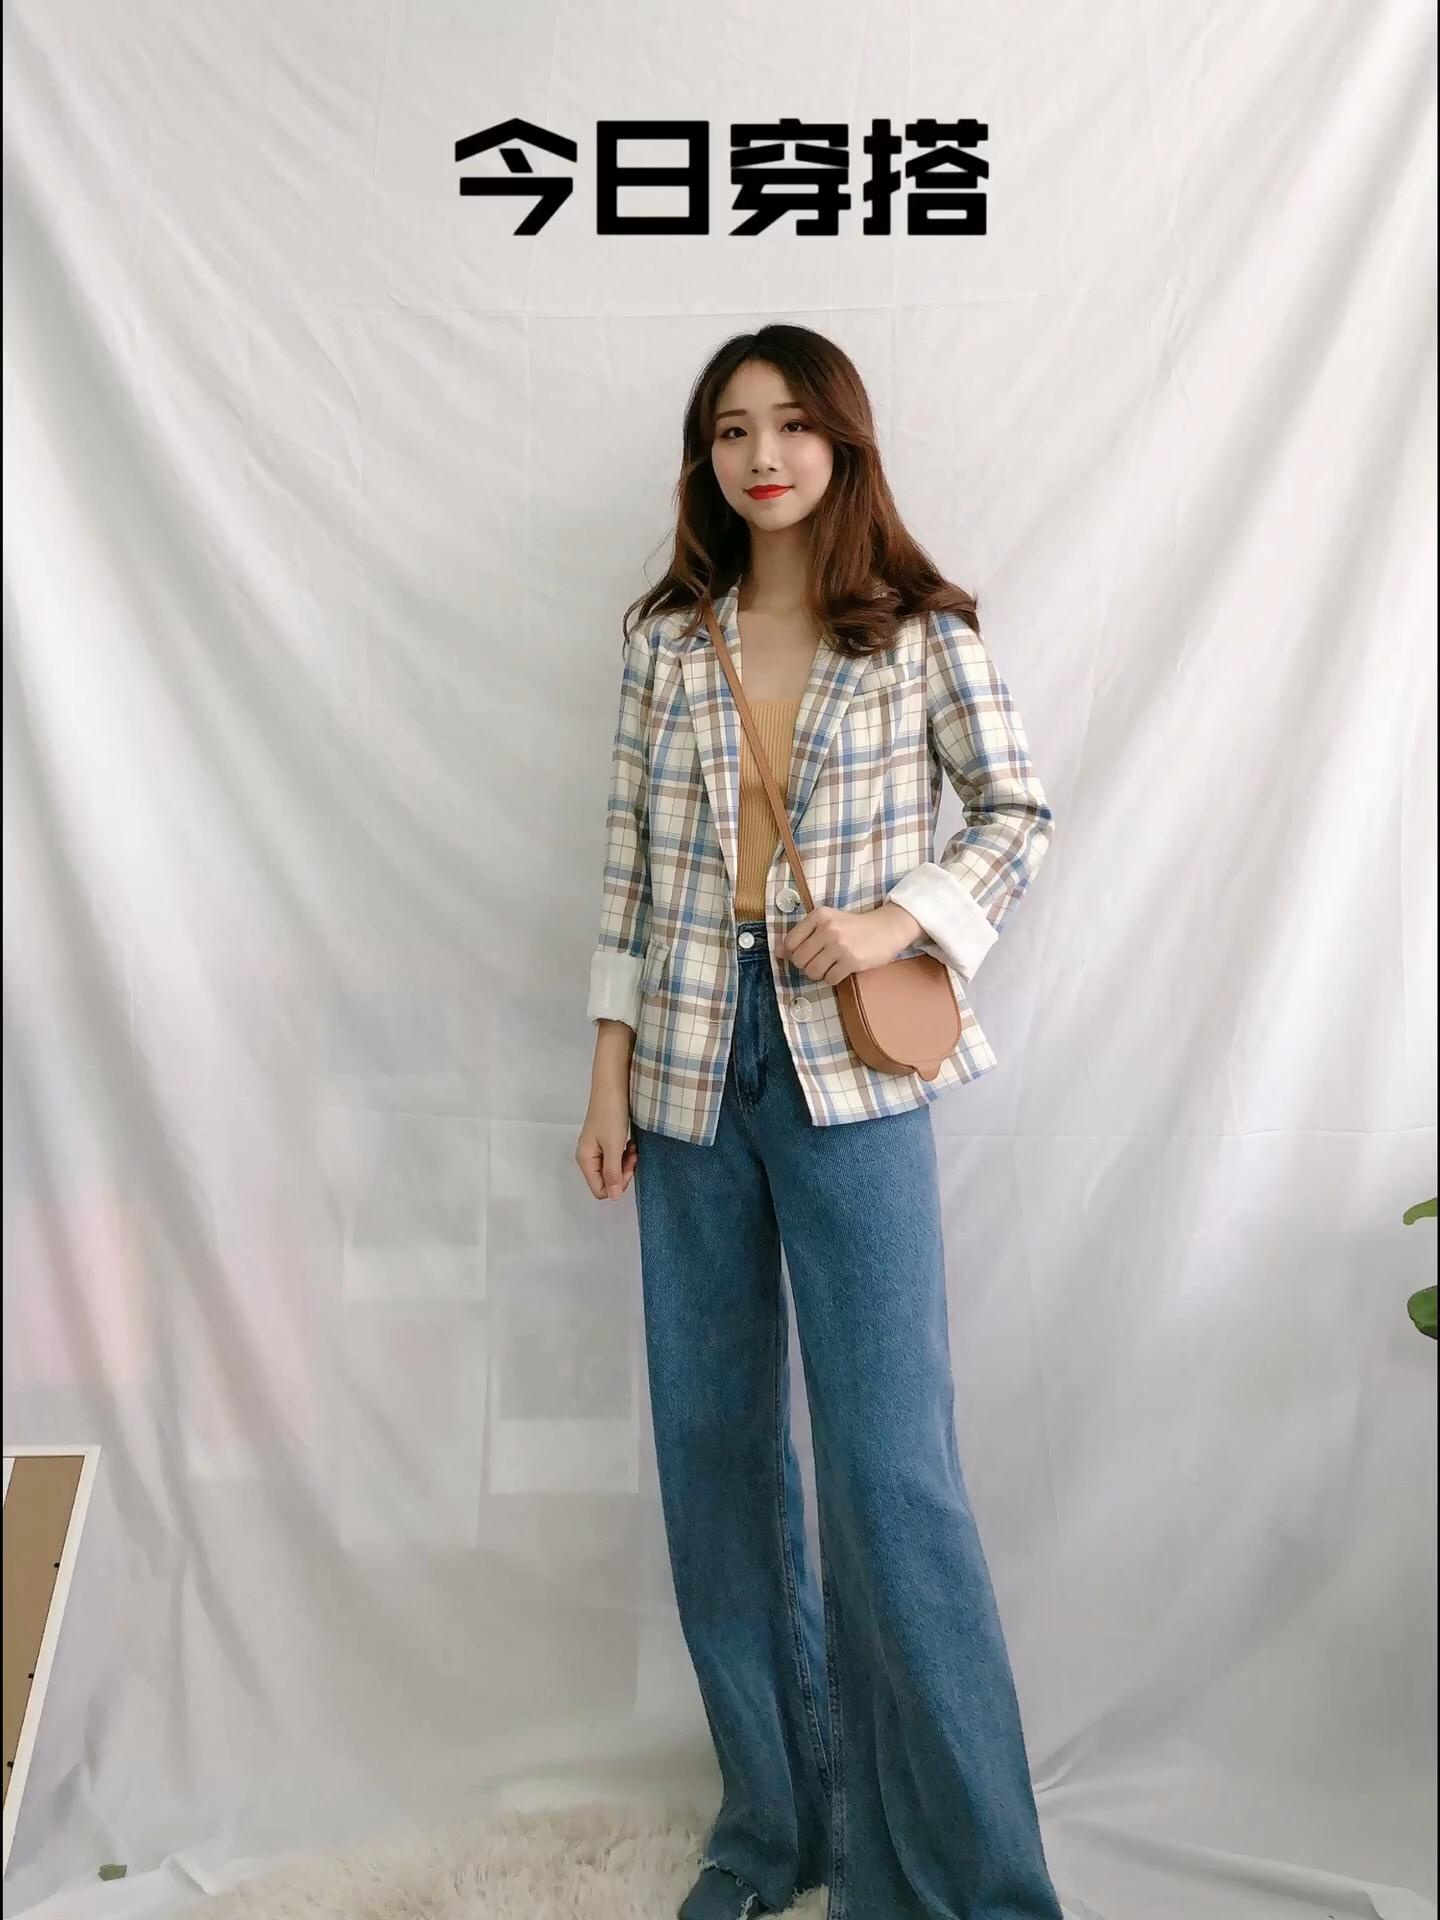 今日推荐:格子西装➕泫雅裤 好看指数🌟🌟🌟🌟🌟 显白指数🌟🌟🌟🌟🌟 时尚指数🌟🌟🌟🌟🌟 厚度:适中 特点:很韩国欧尼风的一套,我还是小个子的呢,裤子很显高~小西装很有个性#小个子女生夏日增高套装#